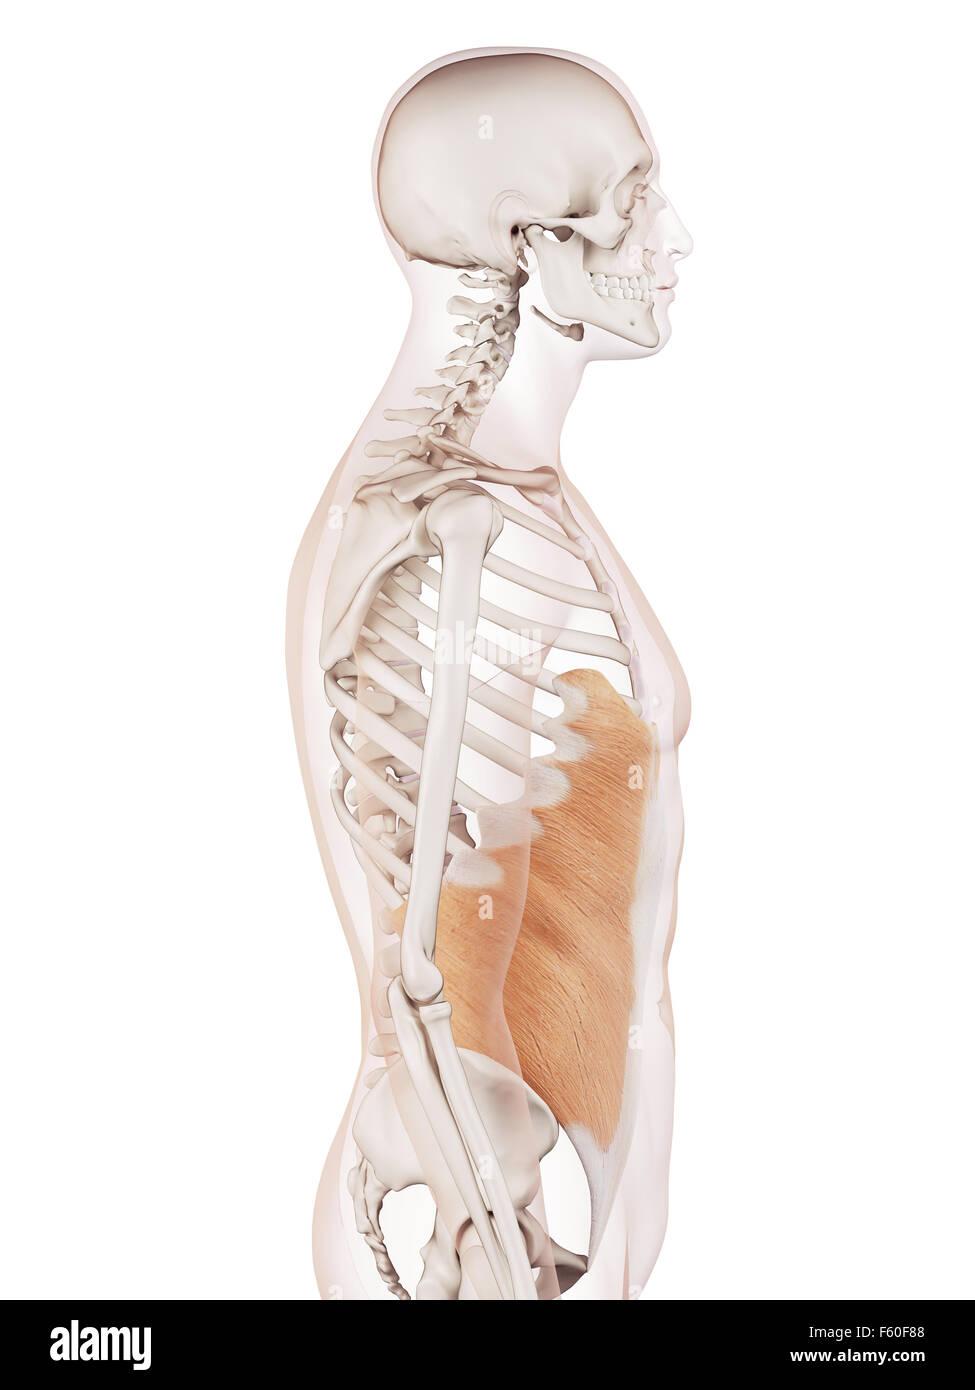 Charmant Nasenvorhof Anatomie Galerie - Physiologie Von Menschlichen ...